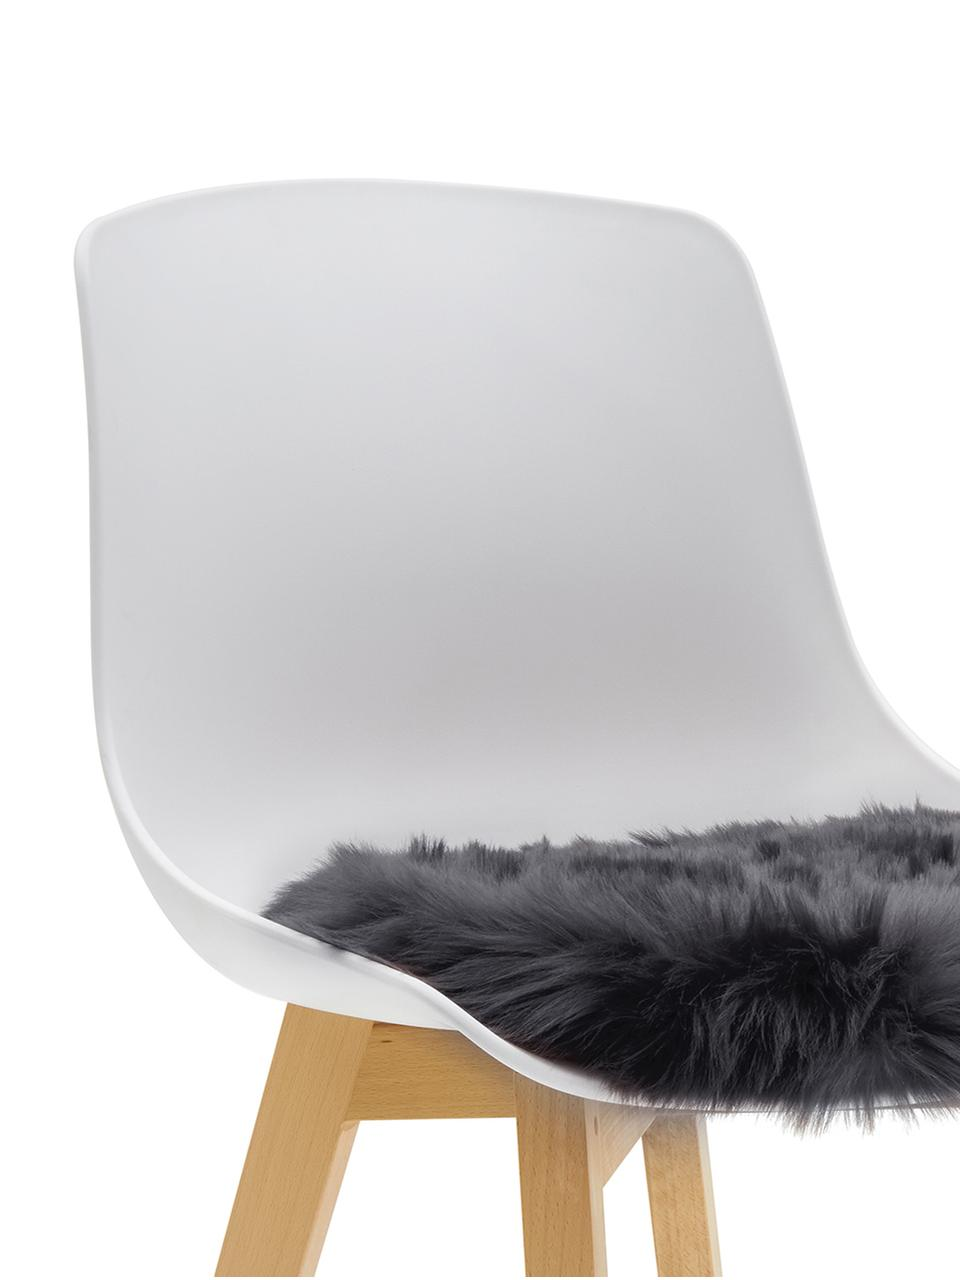 Rond zitkussen van imitatievacht Mathilde, glad, Donkergrijs, Ø 37 cm